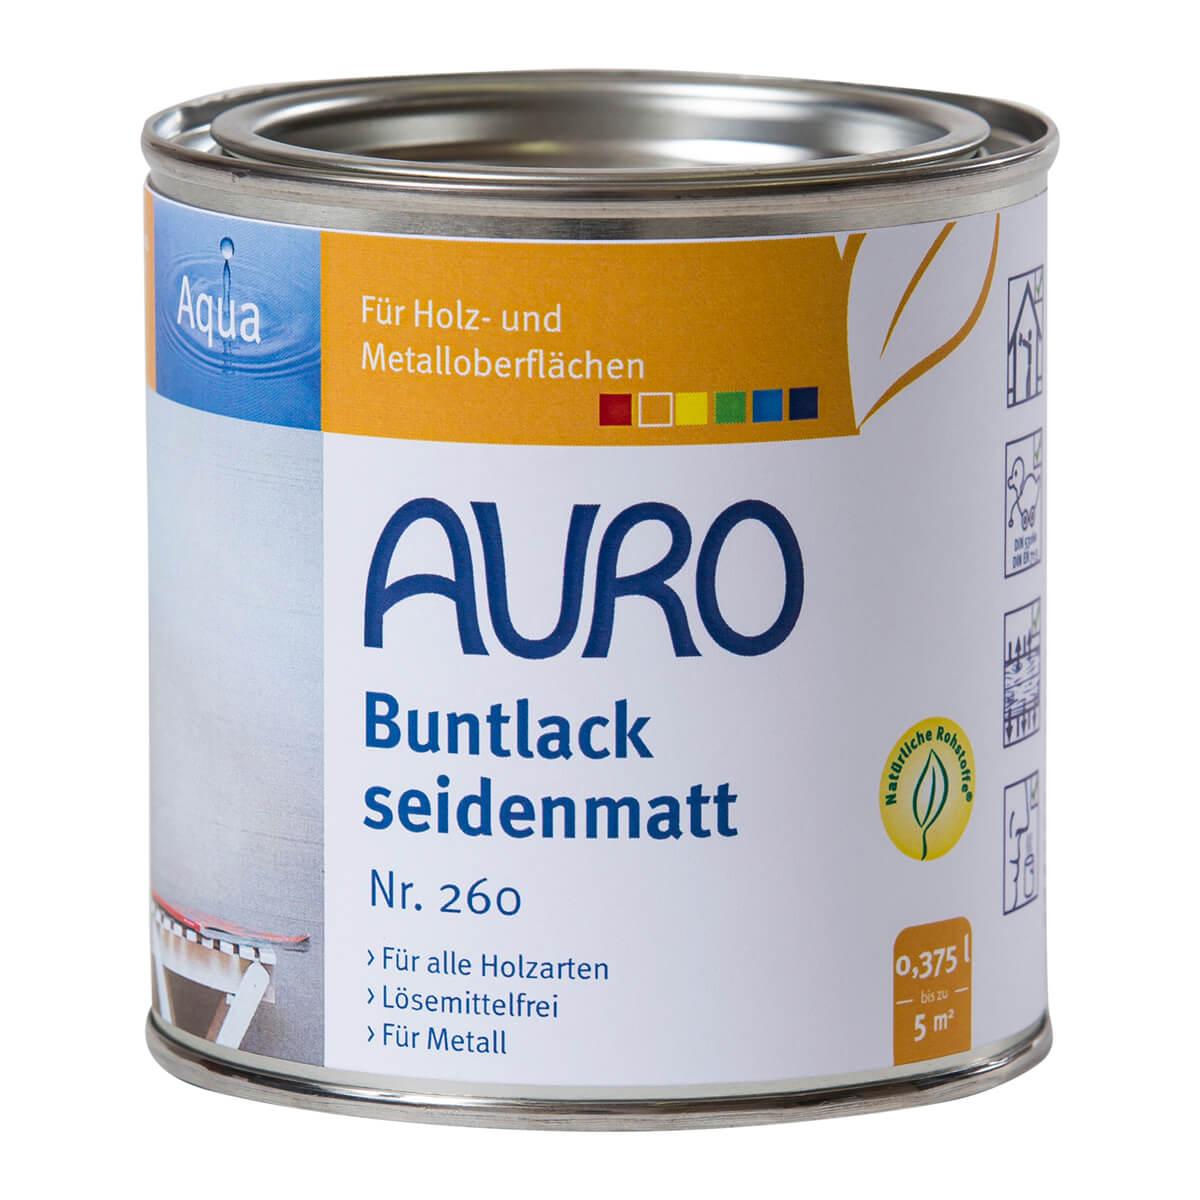 AURO Buntlack & Weißlack ° seidenmatt